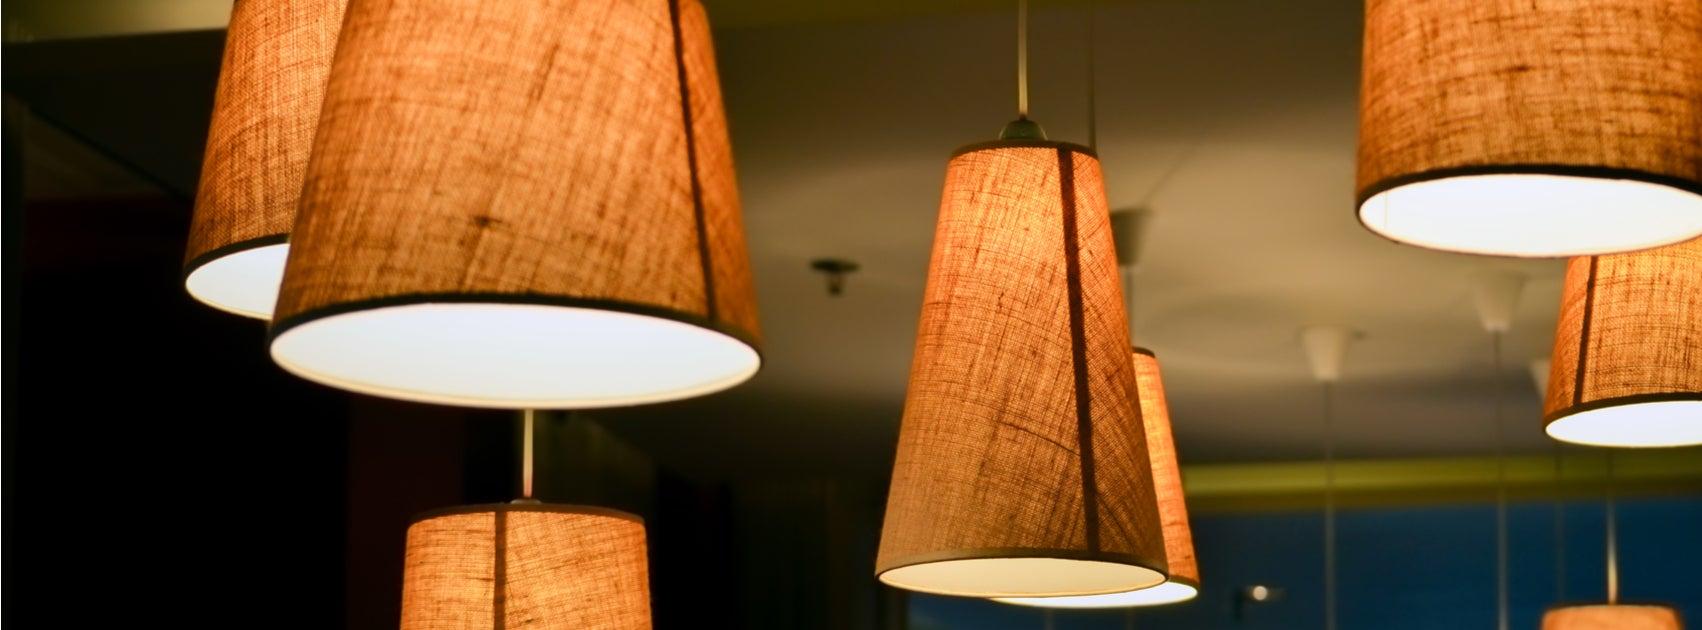 Consejos básicos para la iluminación de tu casa